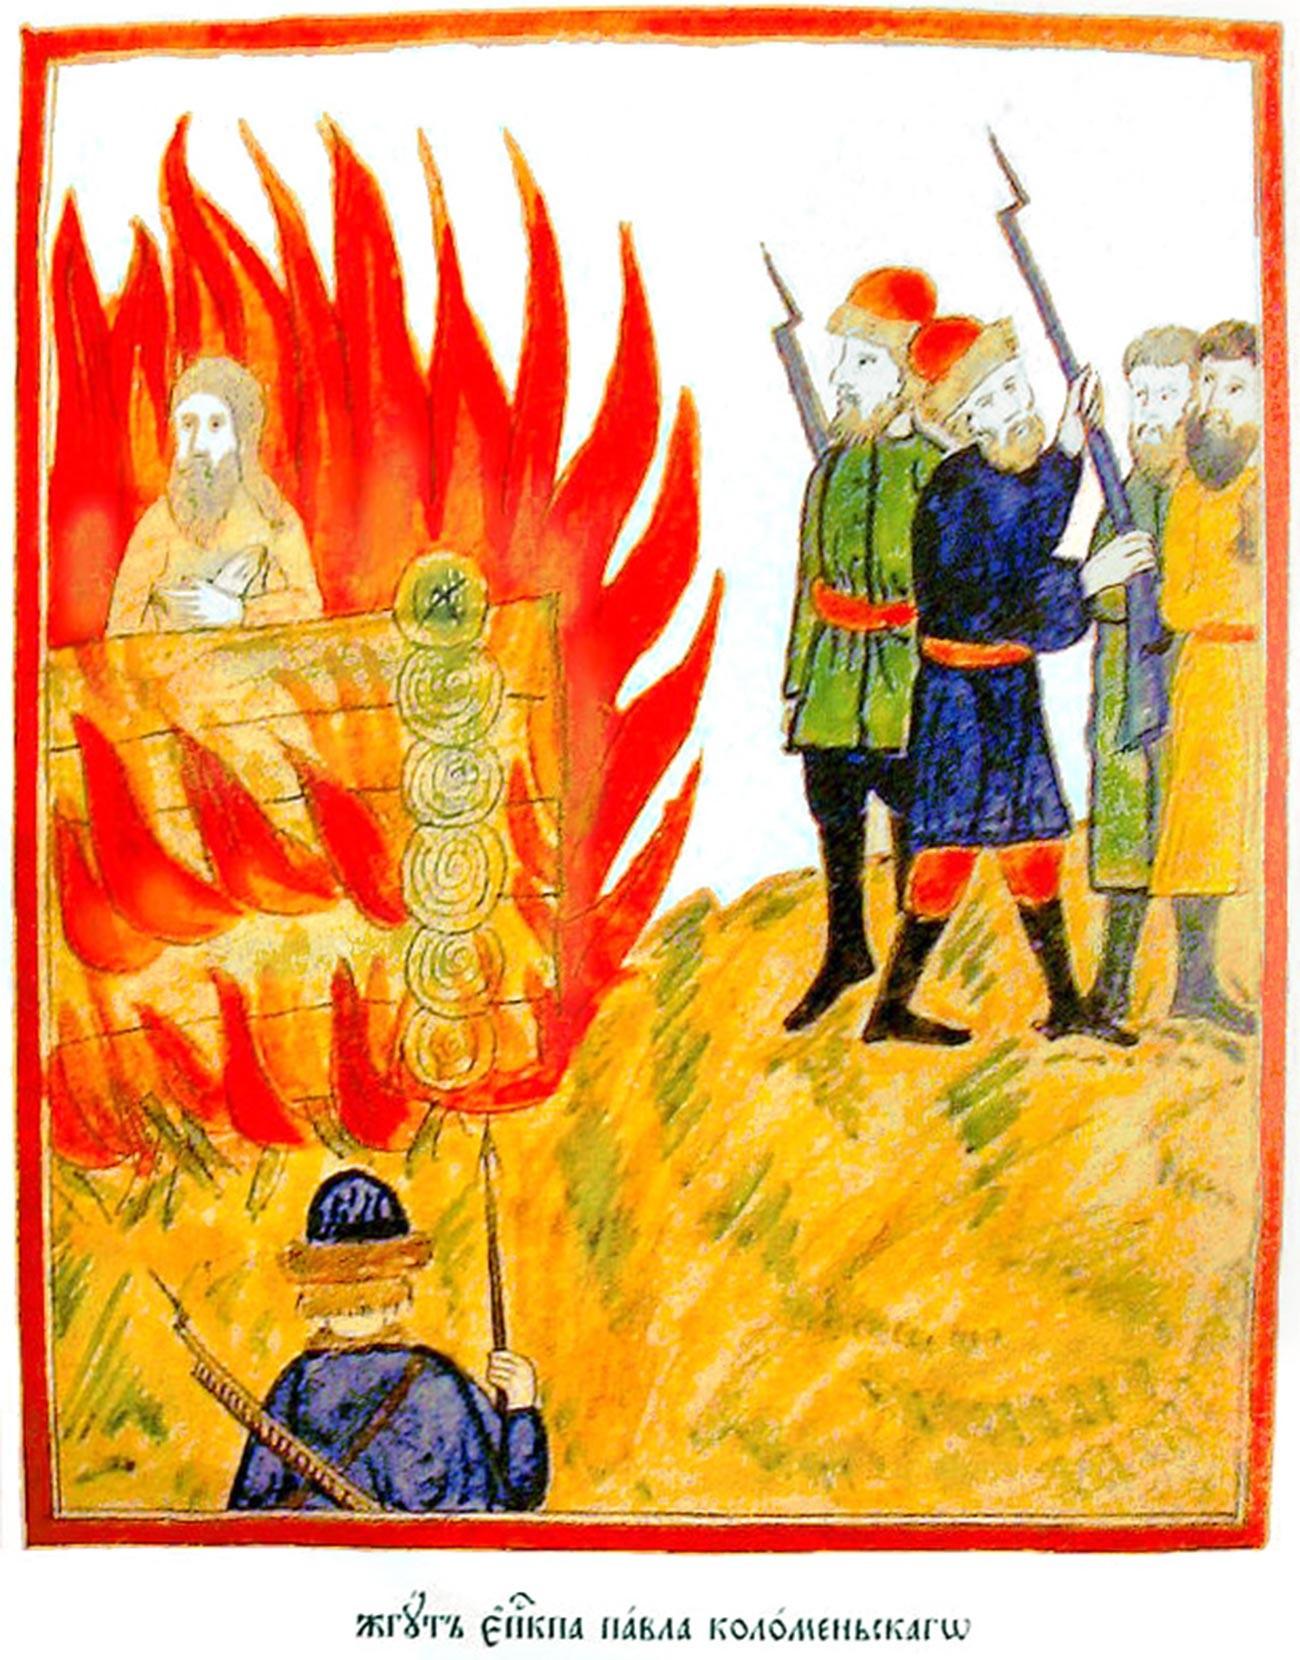 Запалване на Павел Коломенский (миниатюра от XIX век)